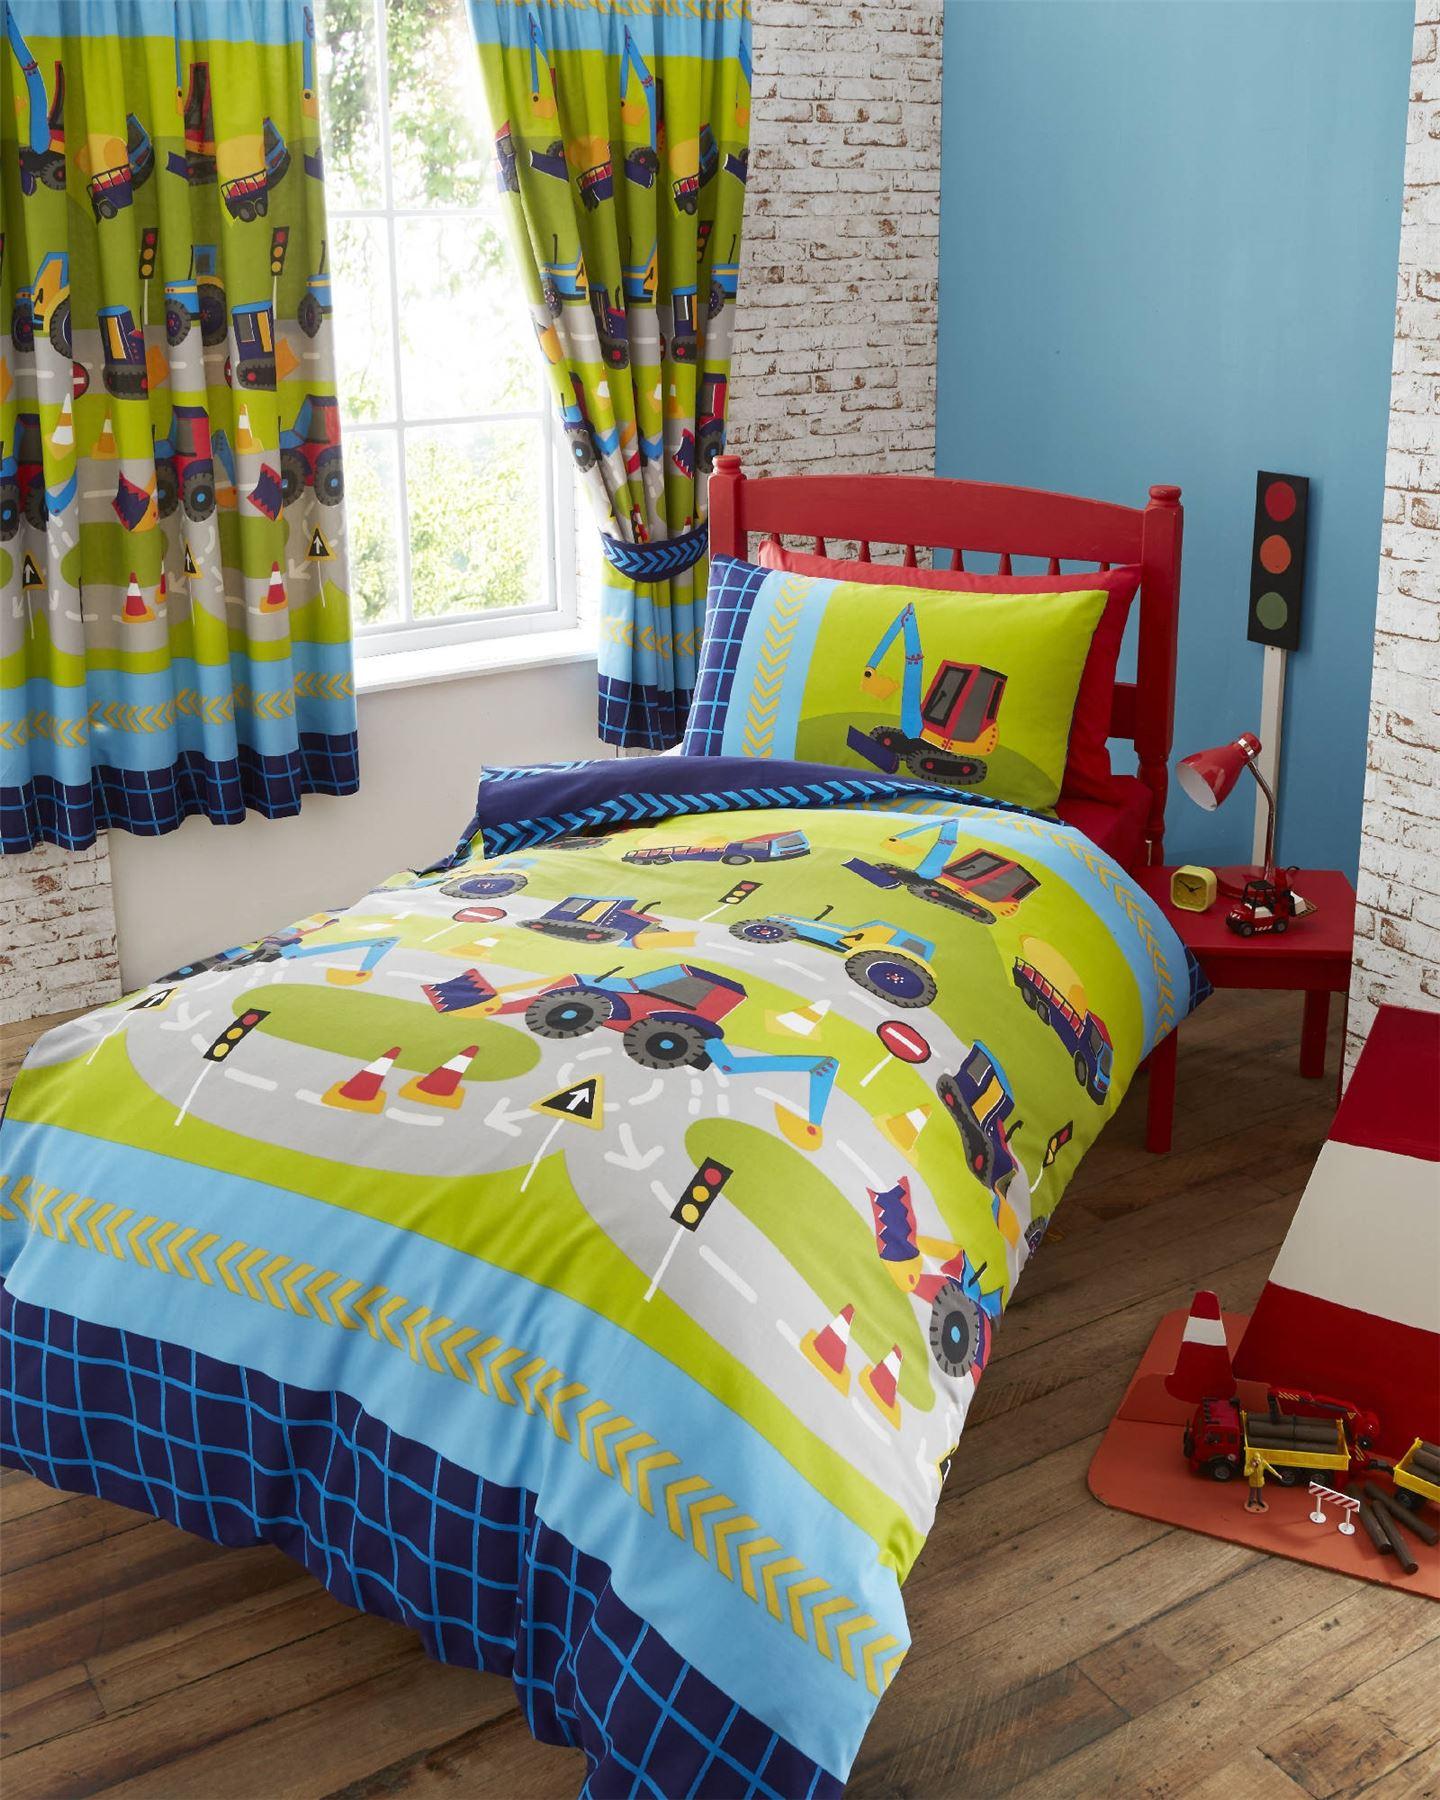 Boy S Quilt Duvet Cover Bedding Sets Single Or Double: Digger Trucks Green Kids Boys Reversible Single Duvet